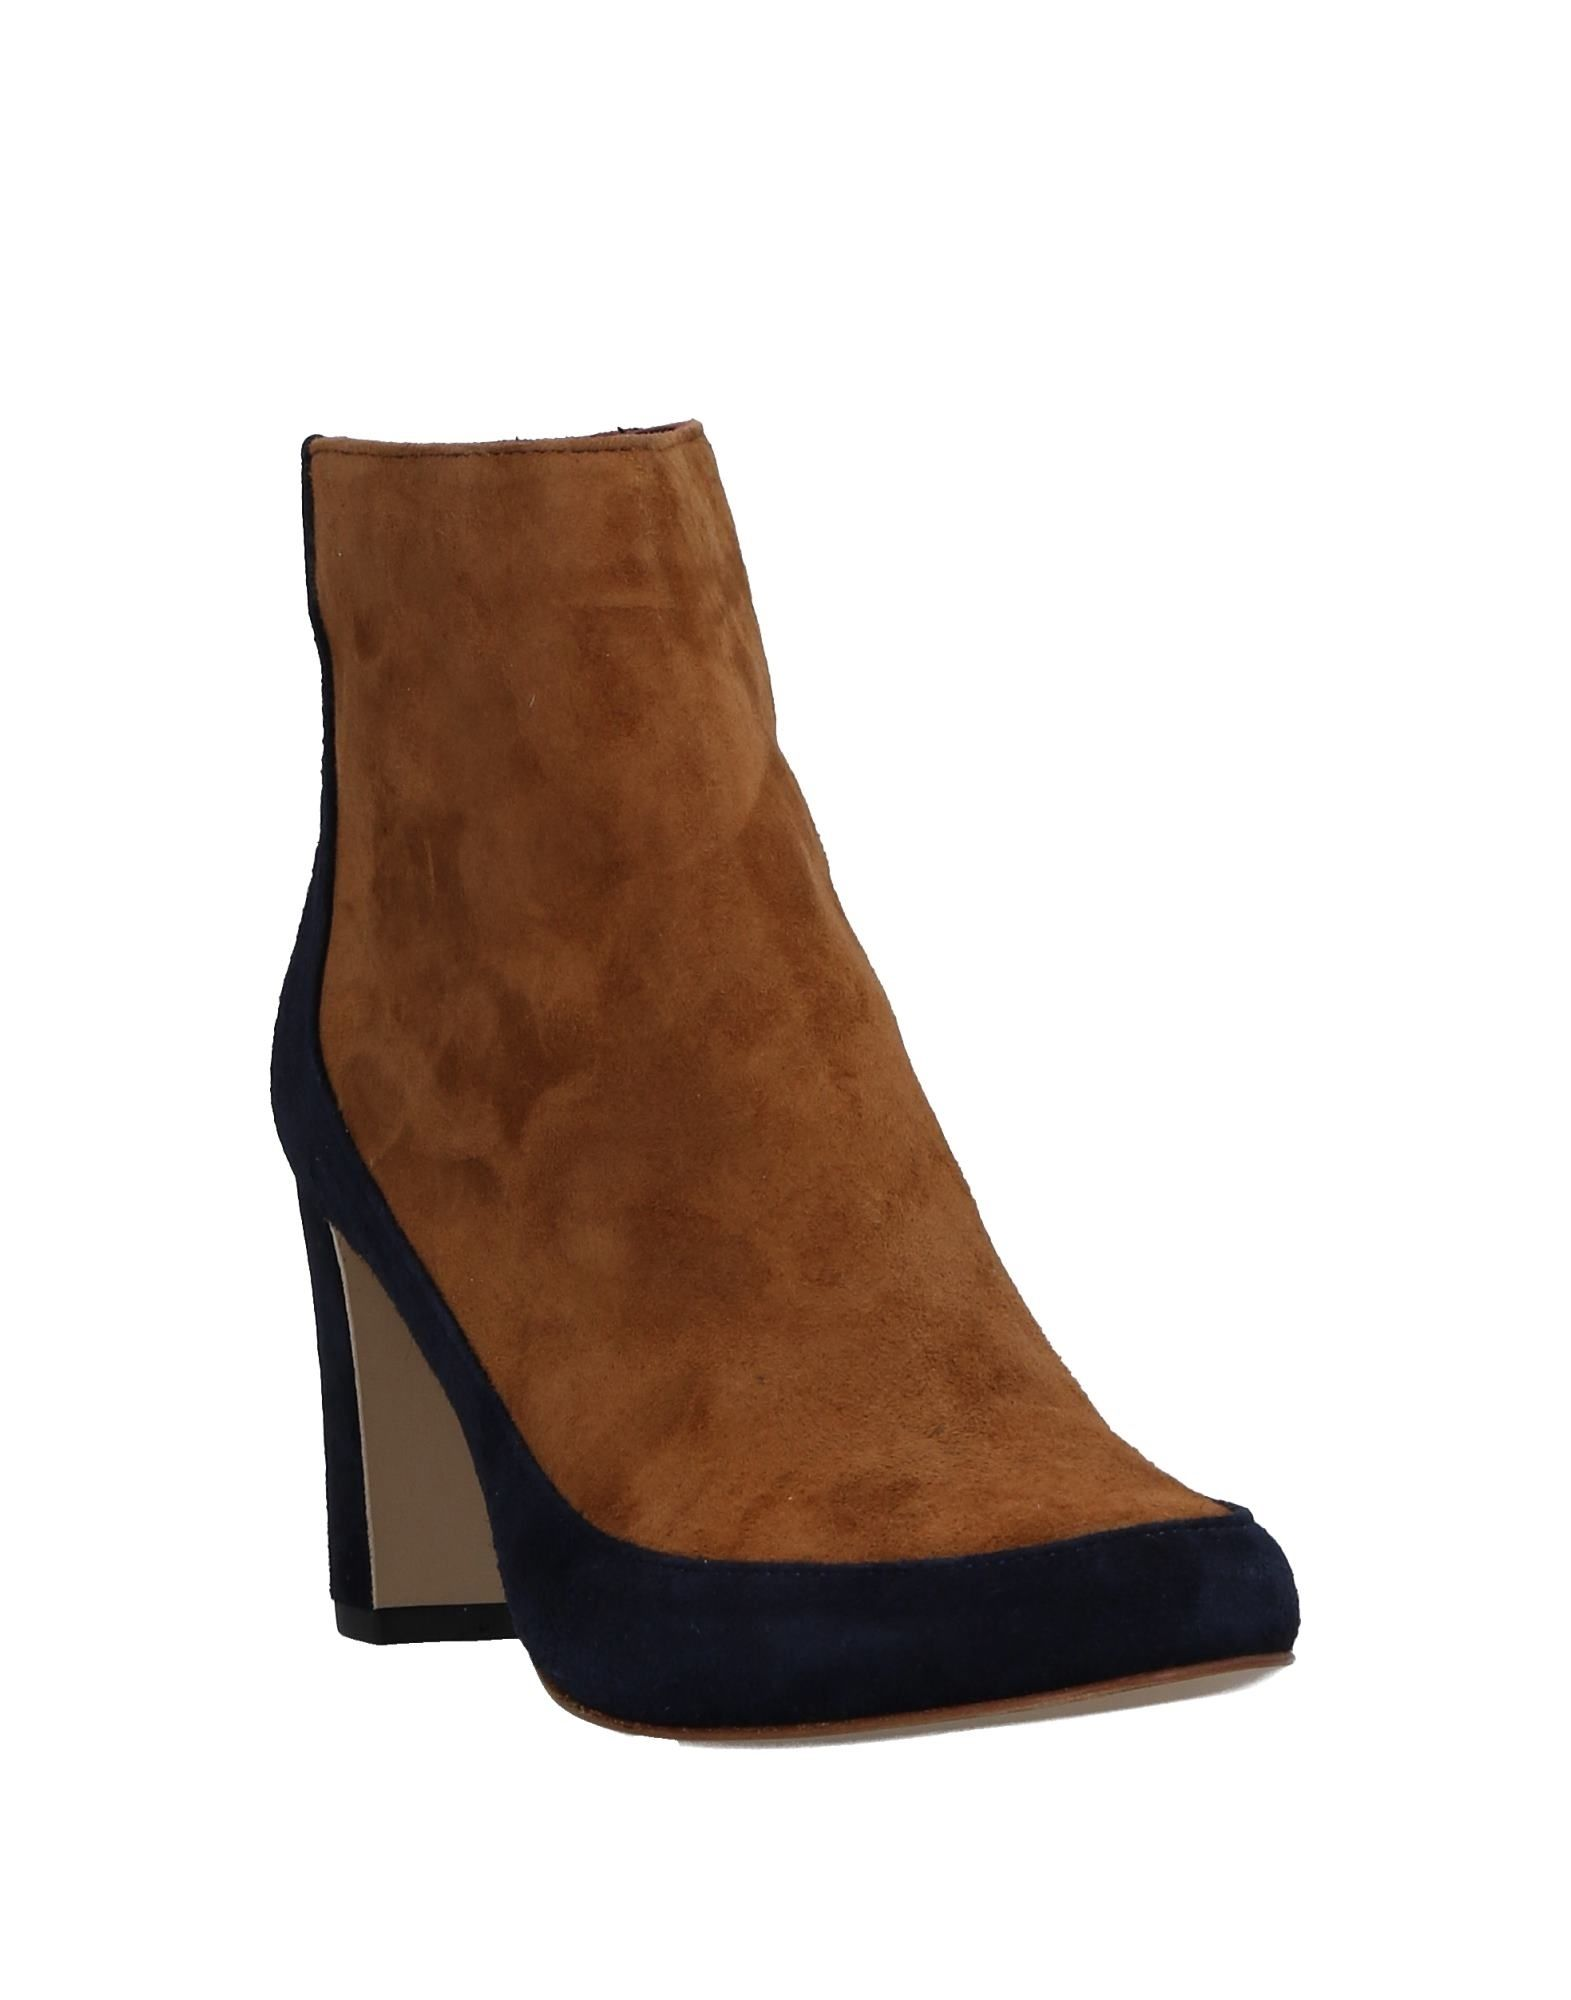 Stilvolle Stiefelette billige Schuhe Avril Gau Stiefelette Stilvolle Damen  11539321PW 04bc9f